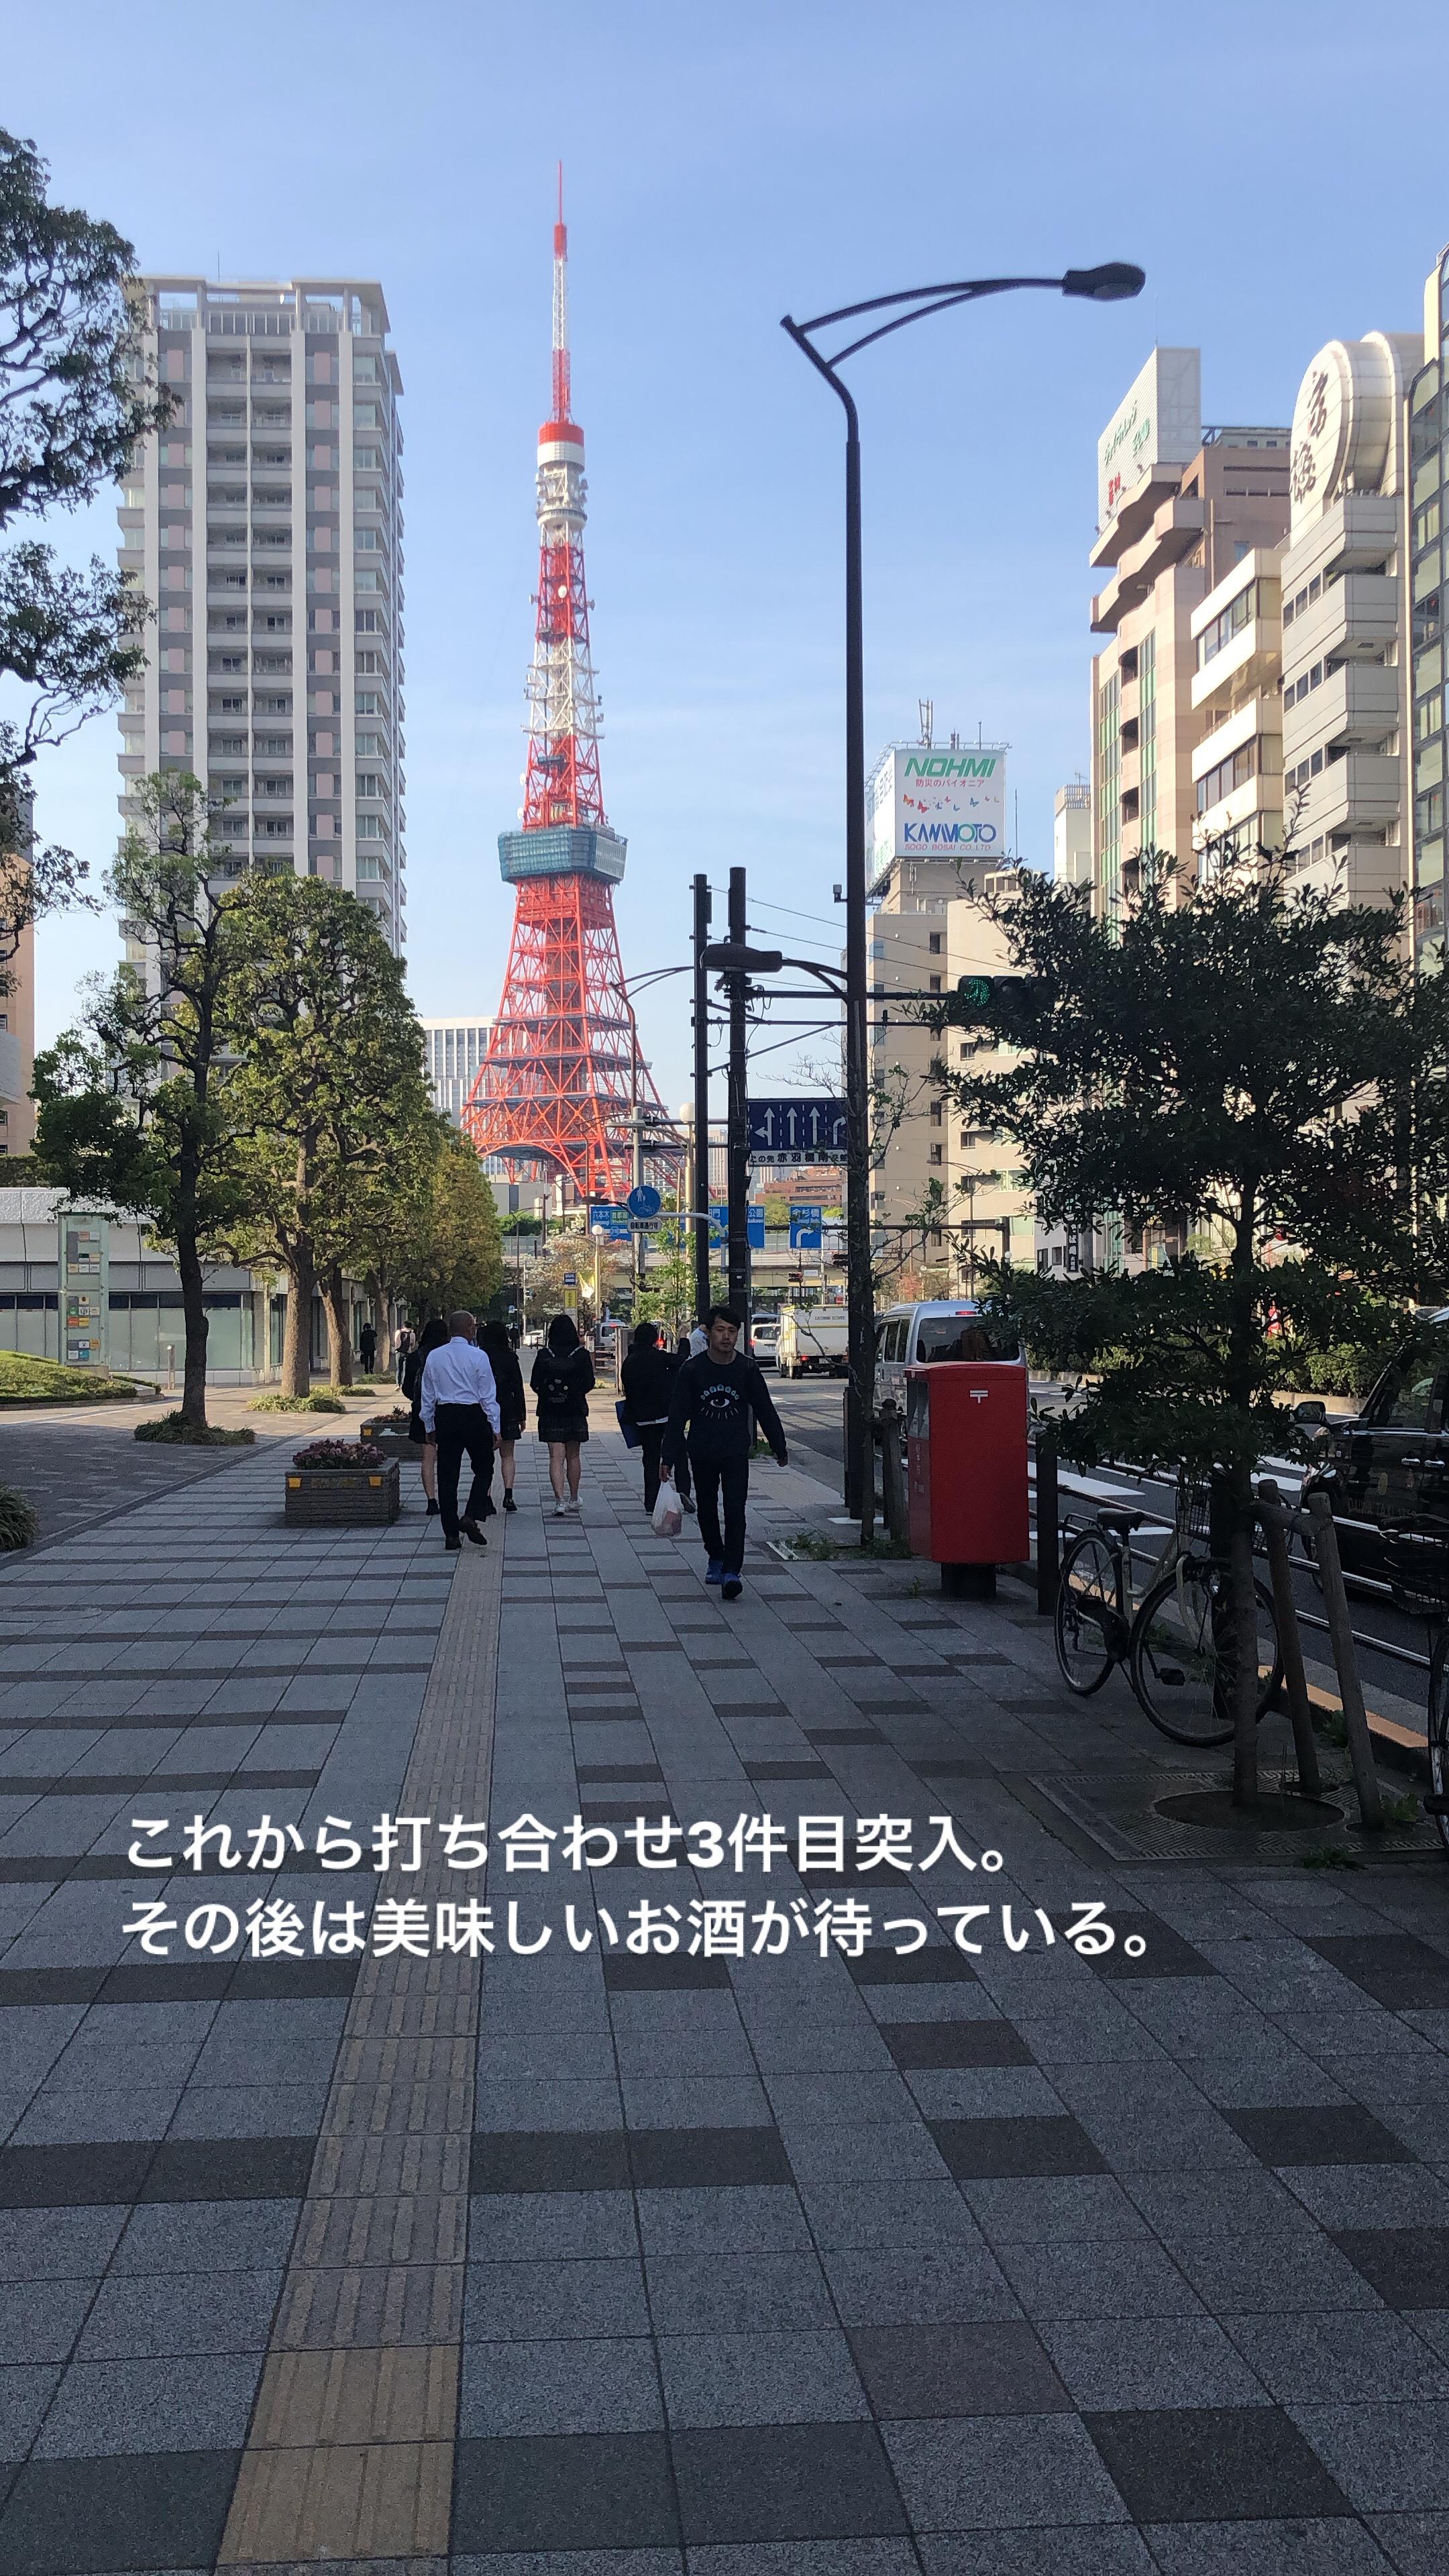 山梨県の工務店、未来建築工房とつくる注文住宅。|東京でミーティング